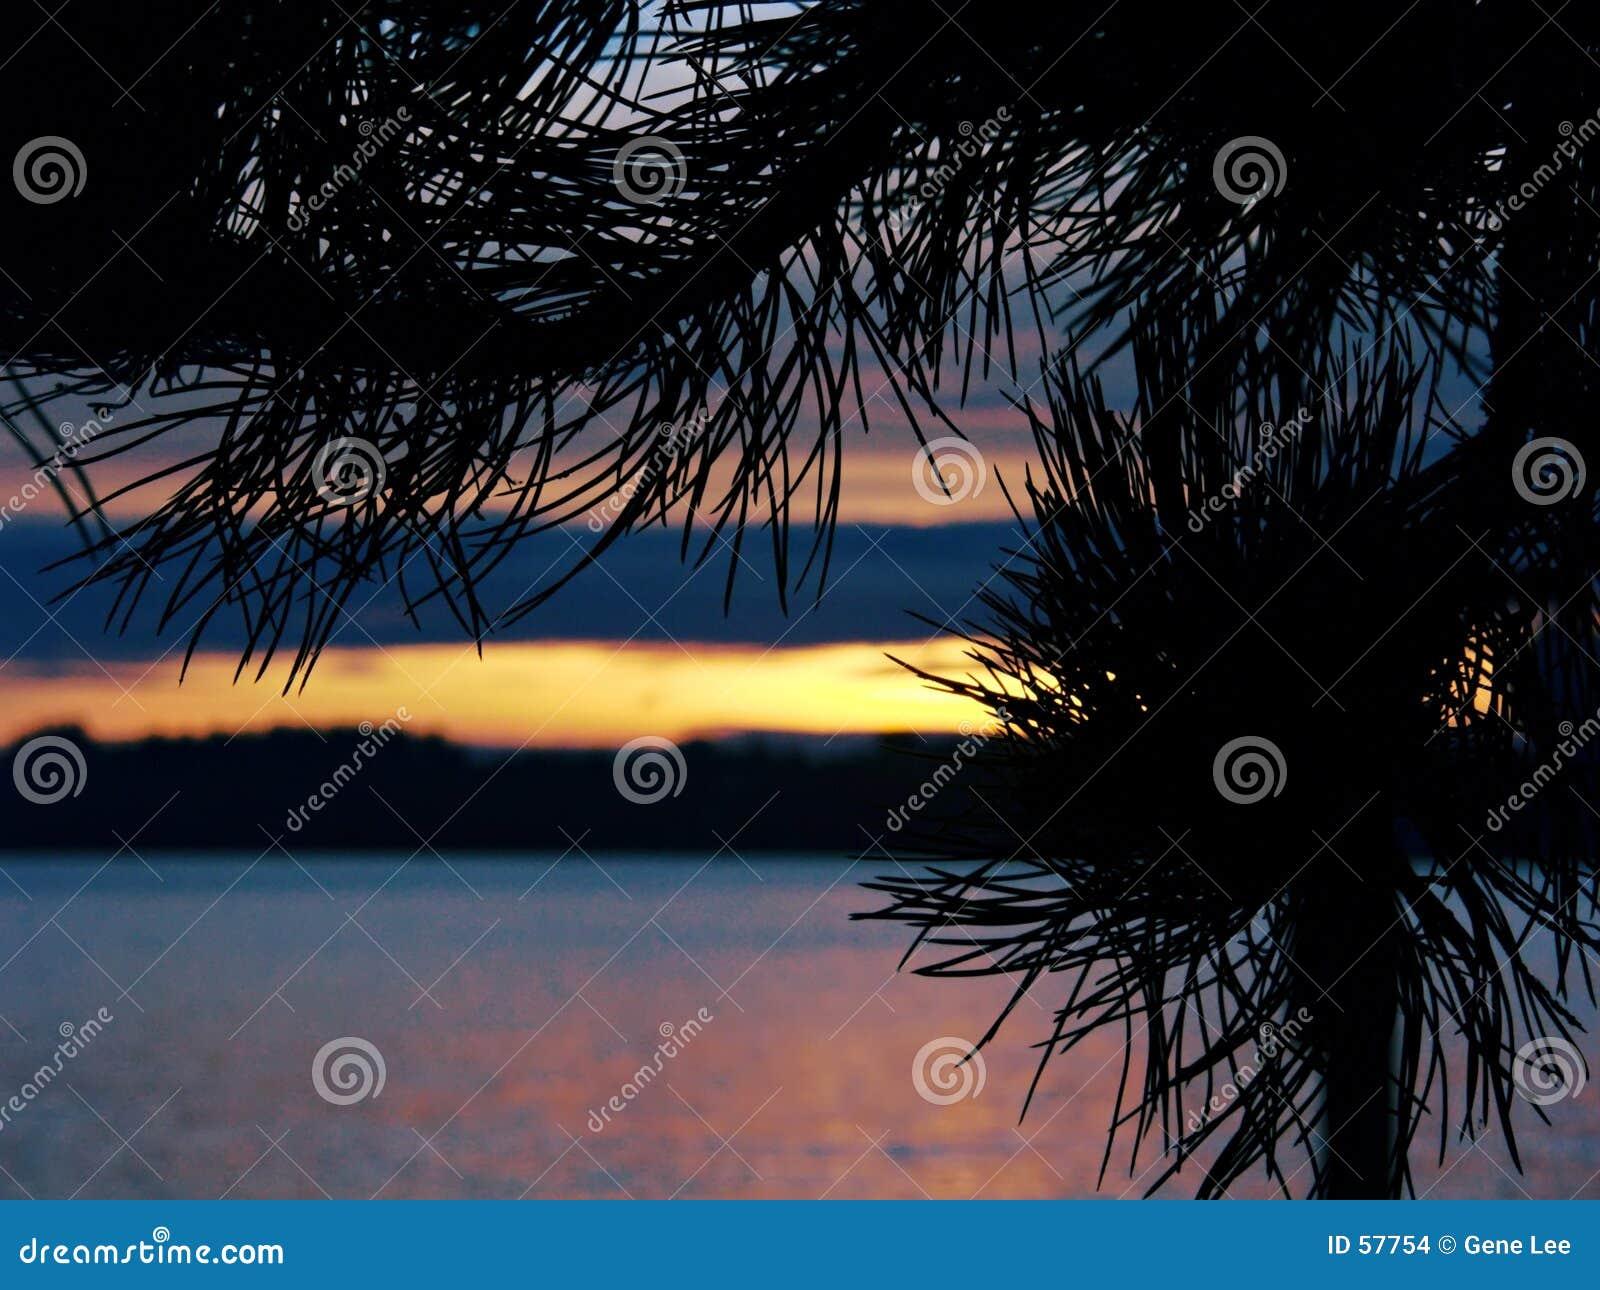 Download Pointeaux silhouettés photo stock. Image du marin, coloré - 57754